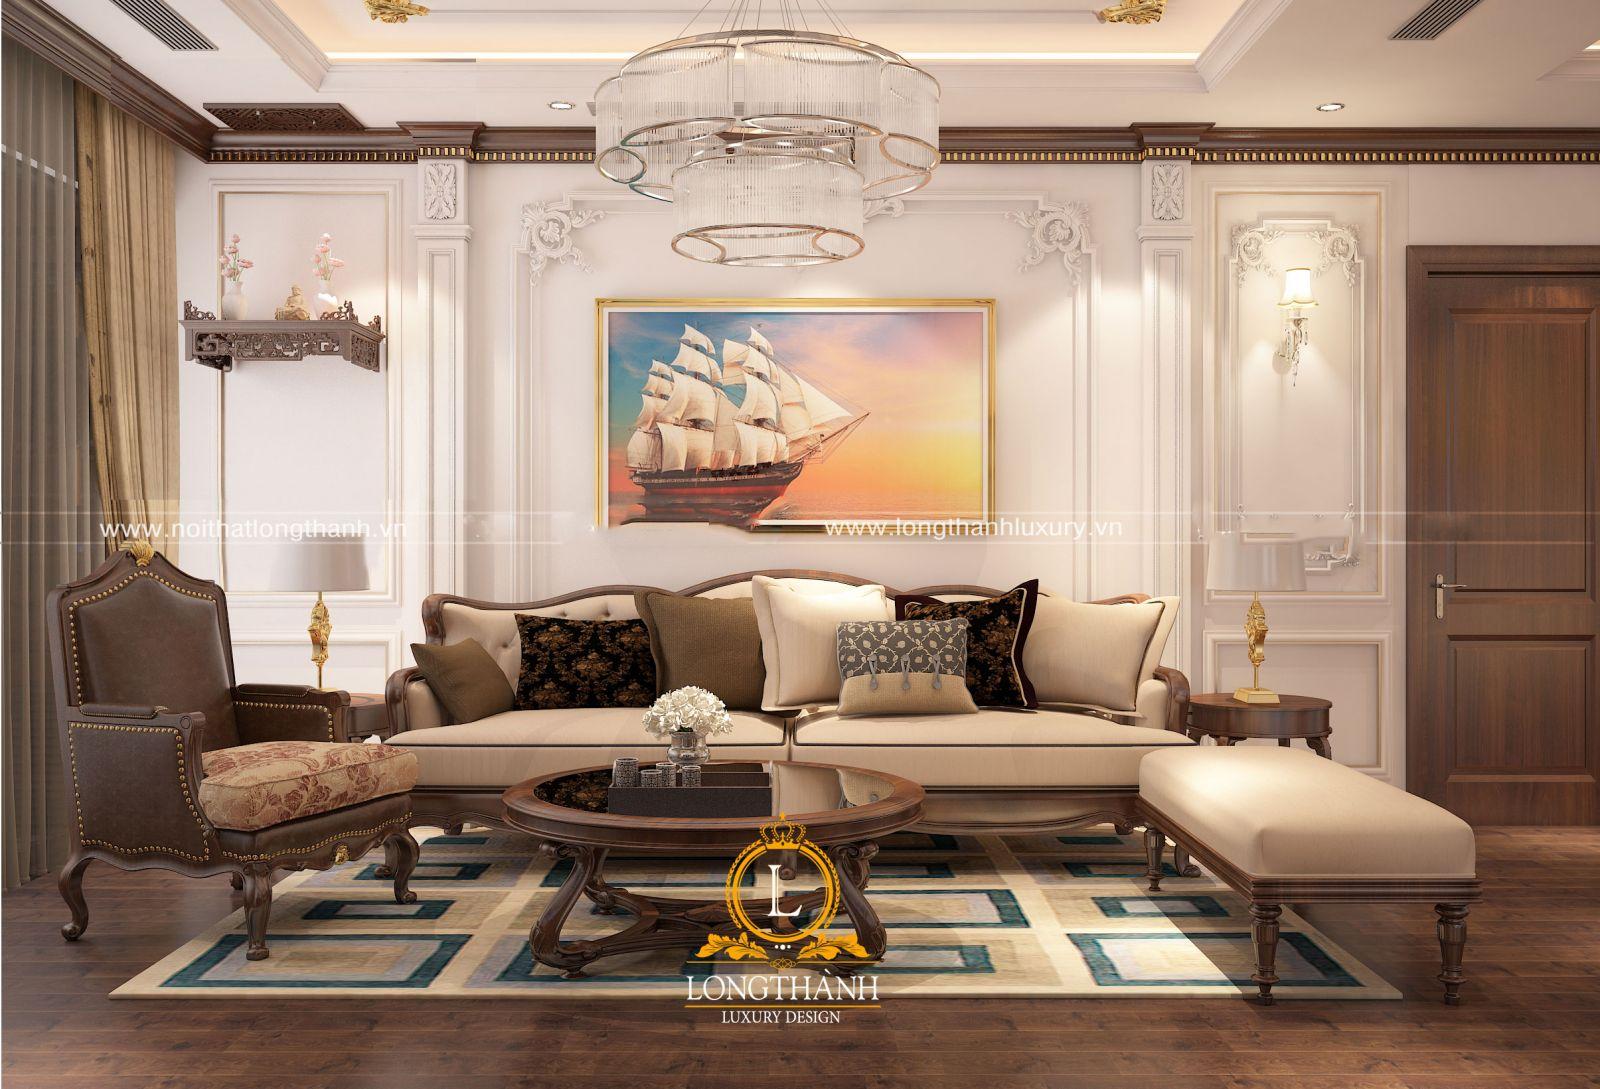 Không gian phòng khách chung cư được thiết kế đơn giản và vô cùng tiện nghi